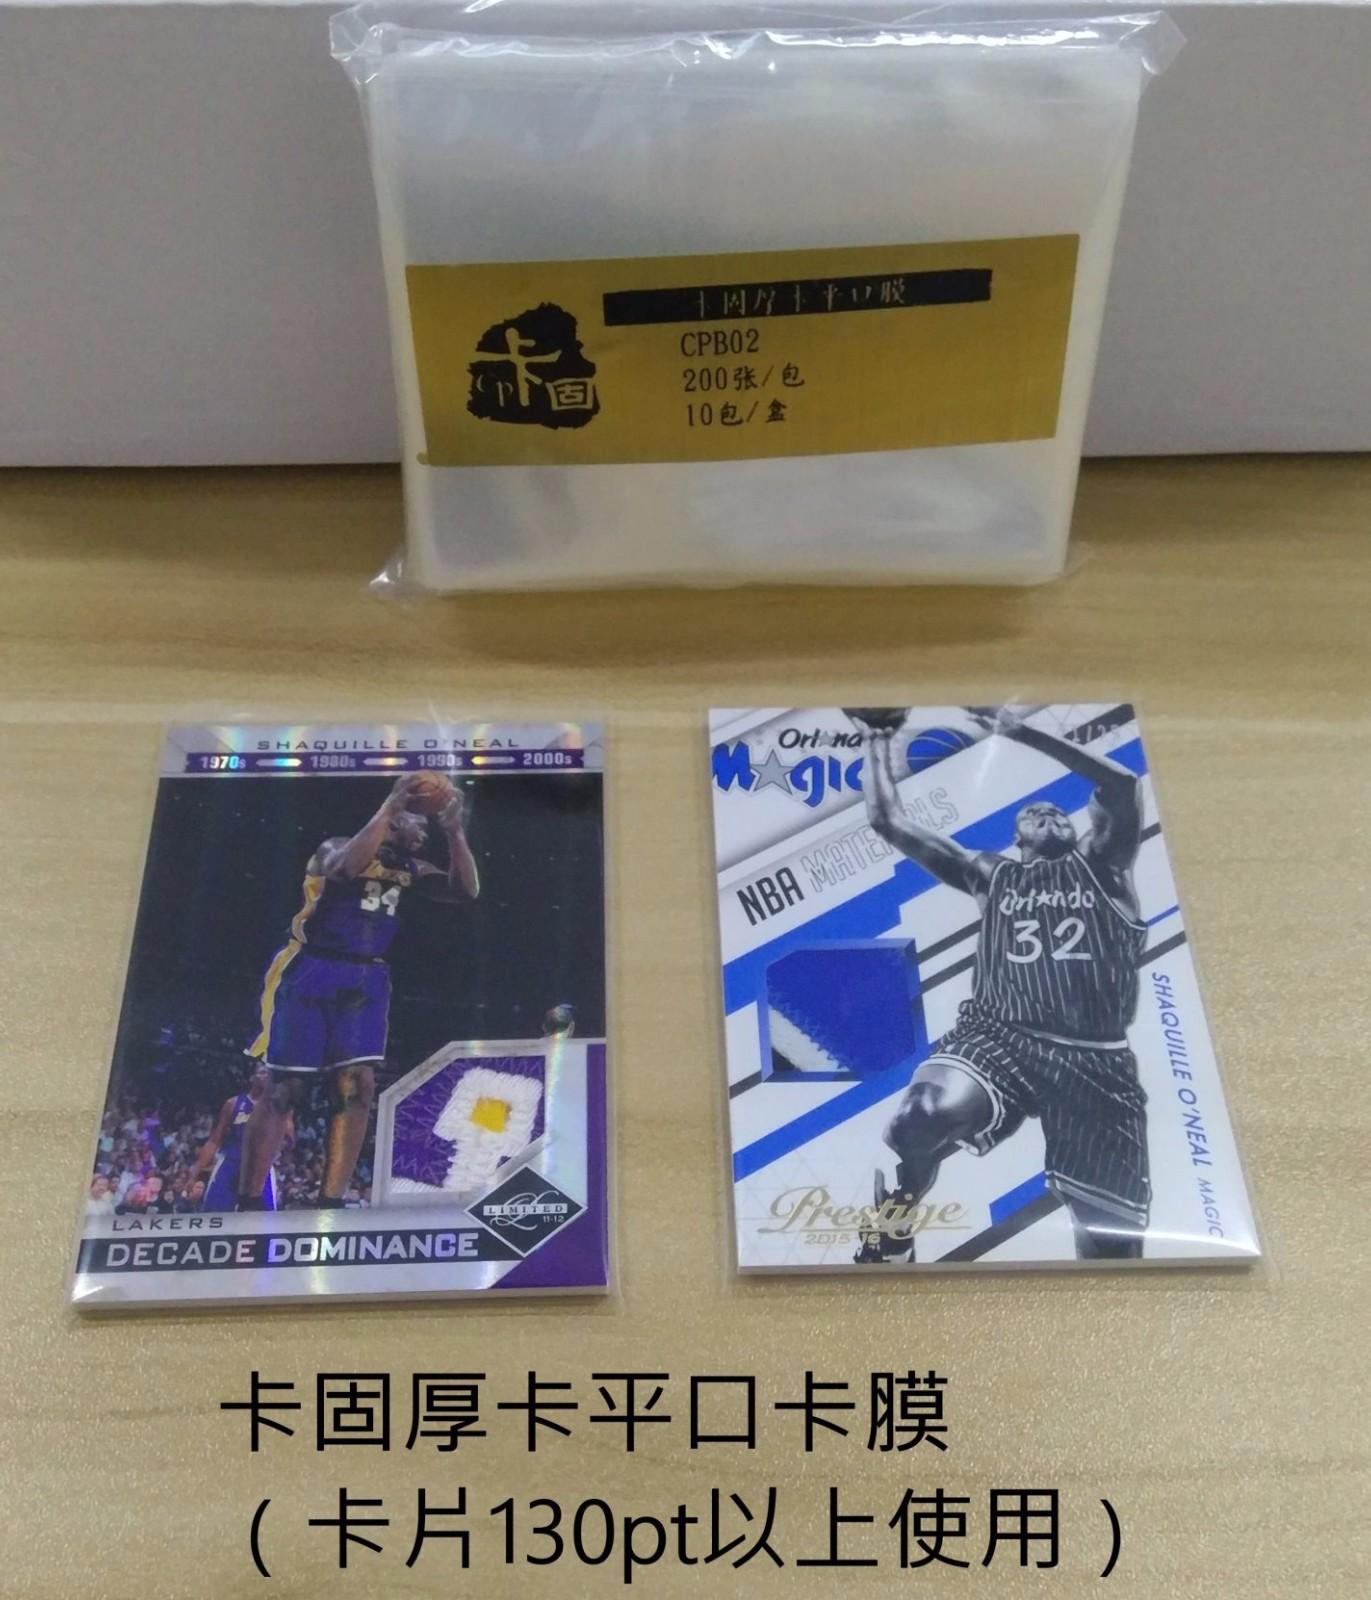 【卡固】CPB02 厚卡平口膜 200张/包*10包一盒